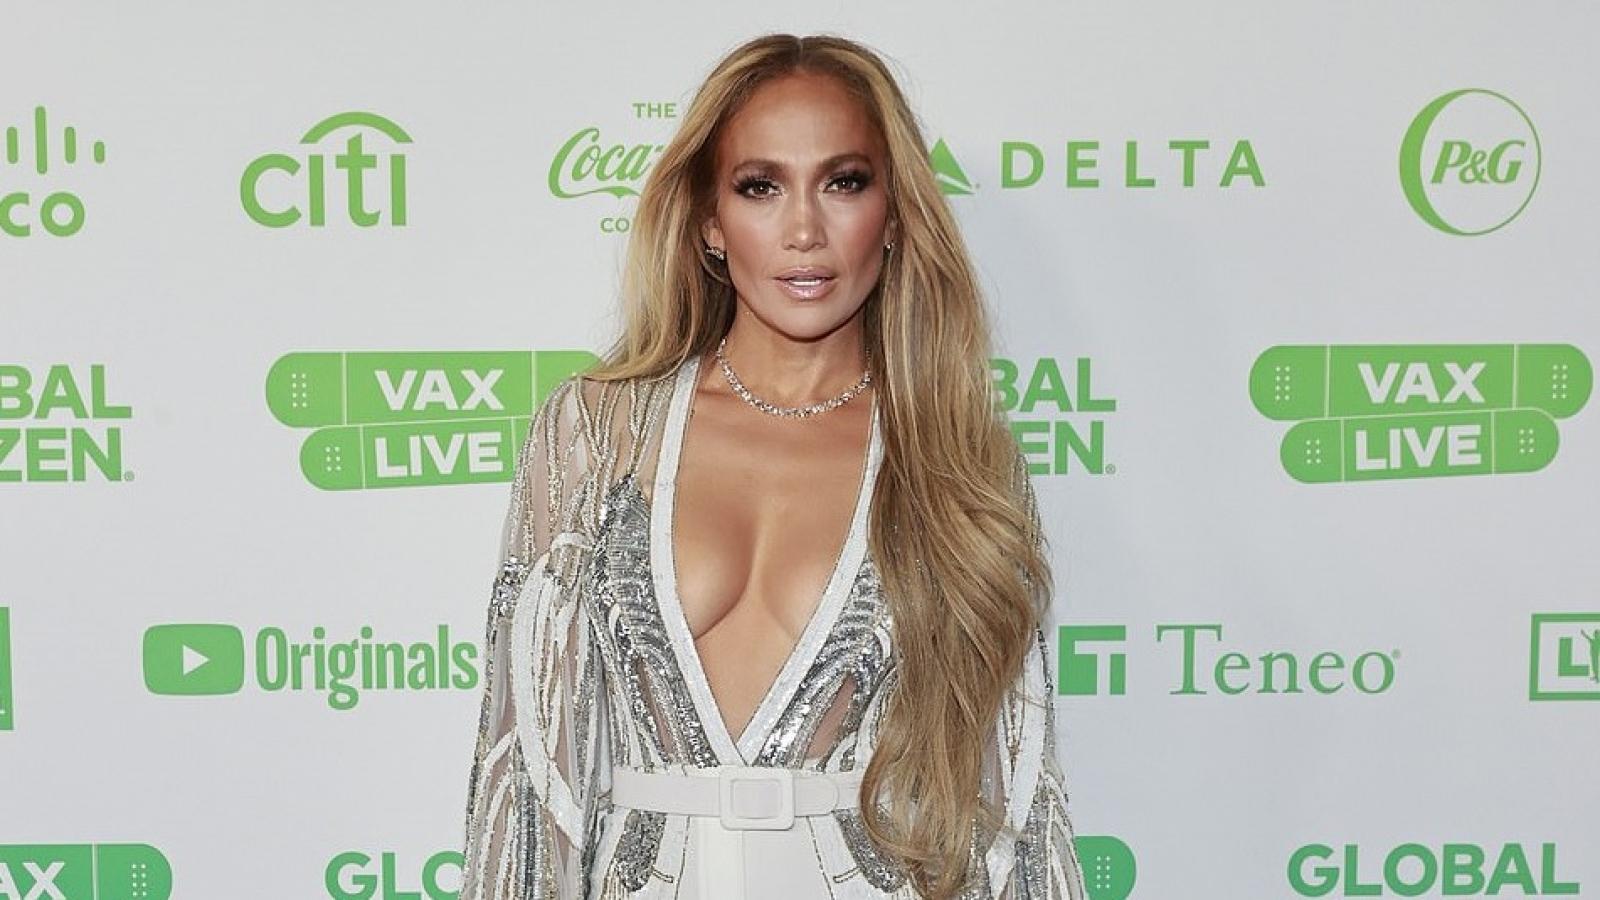 Jennifer Lopez xuất hiện nóng bỏng tại sự kiện sau khi xác nhận hủy hôn